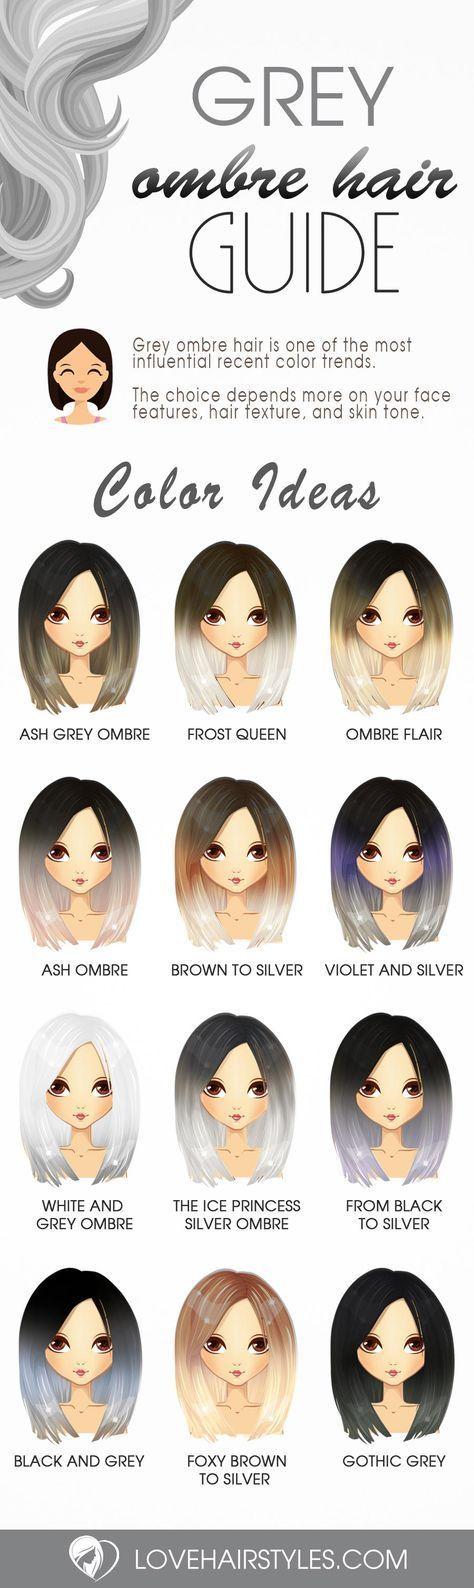 27 Versuchen Sie Gray Ombre Hair in dieser Saison …